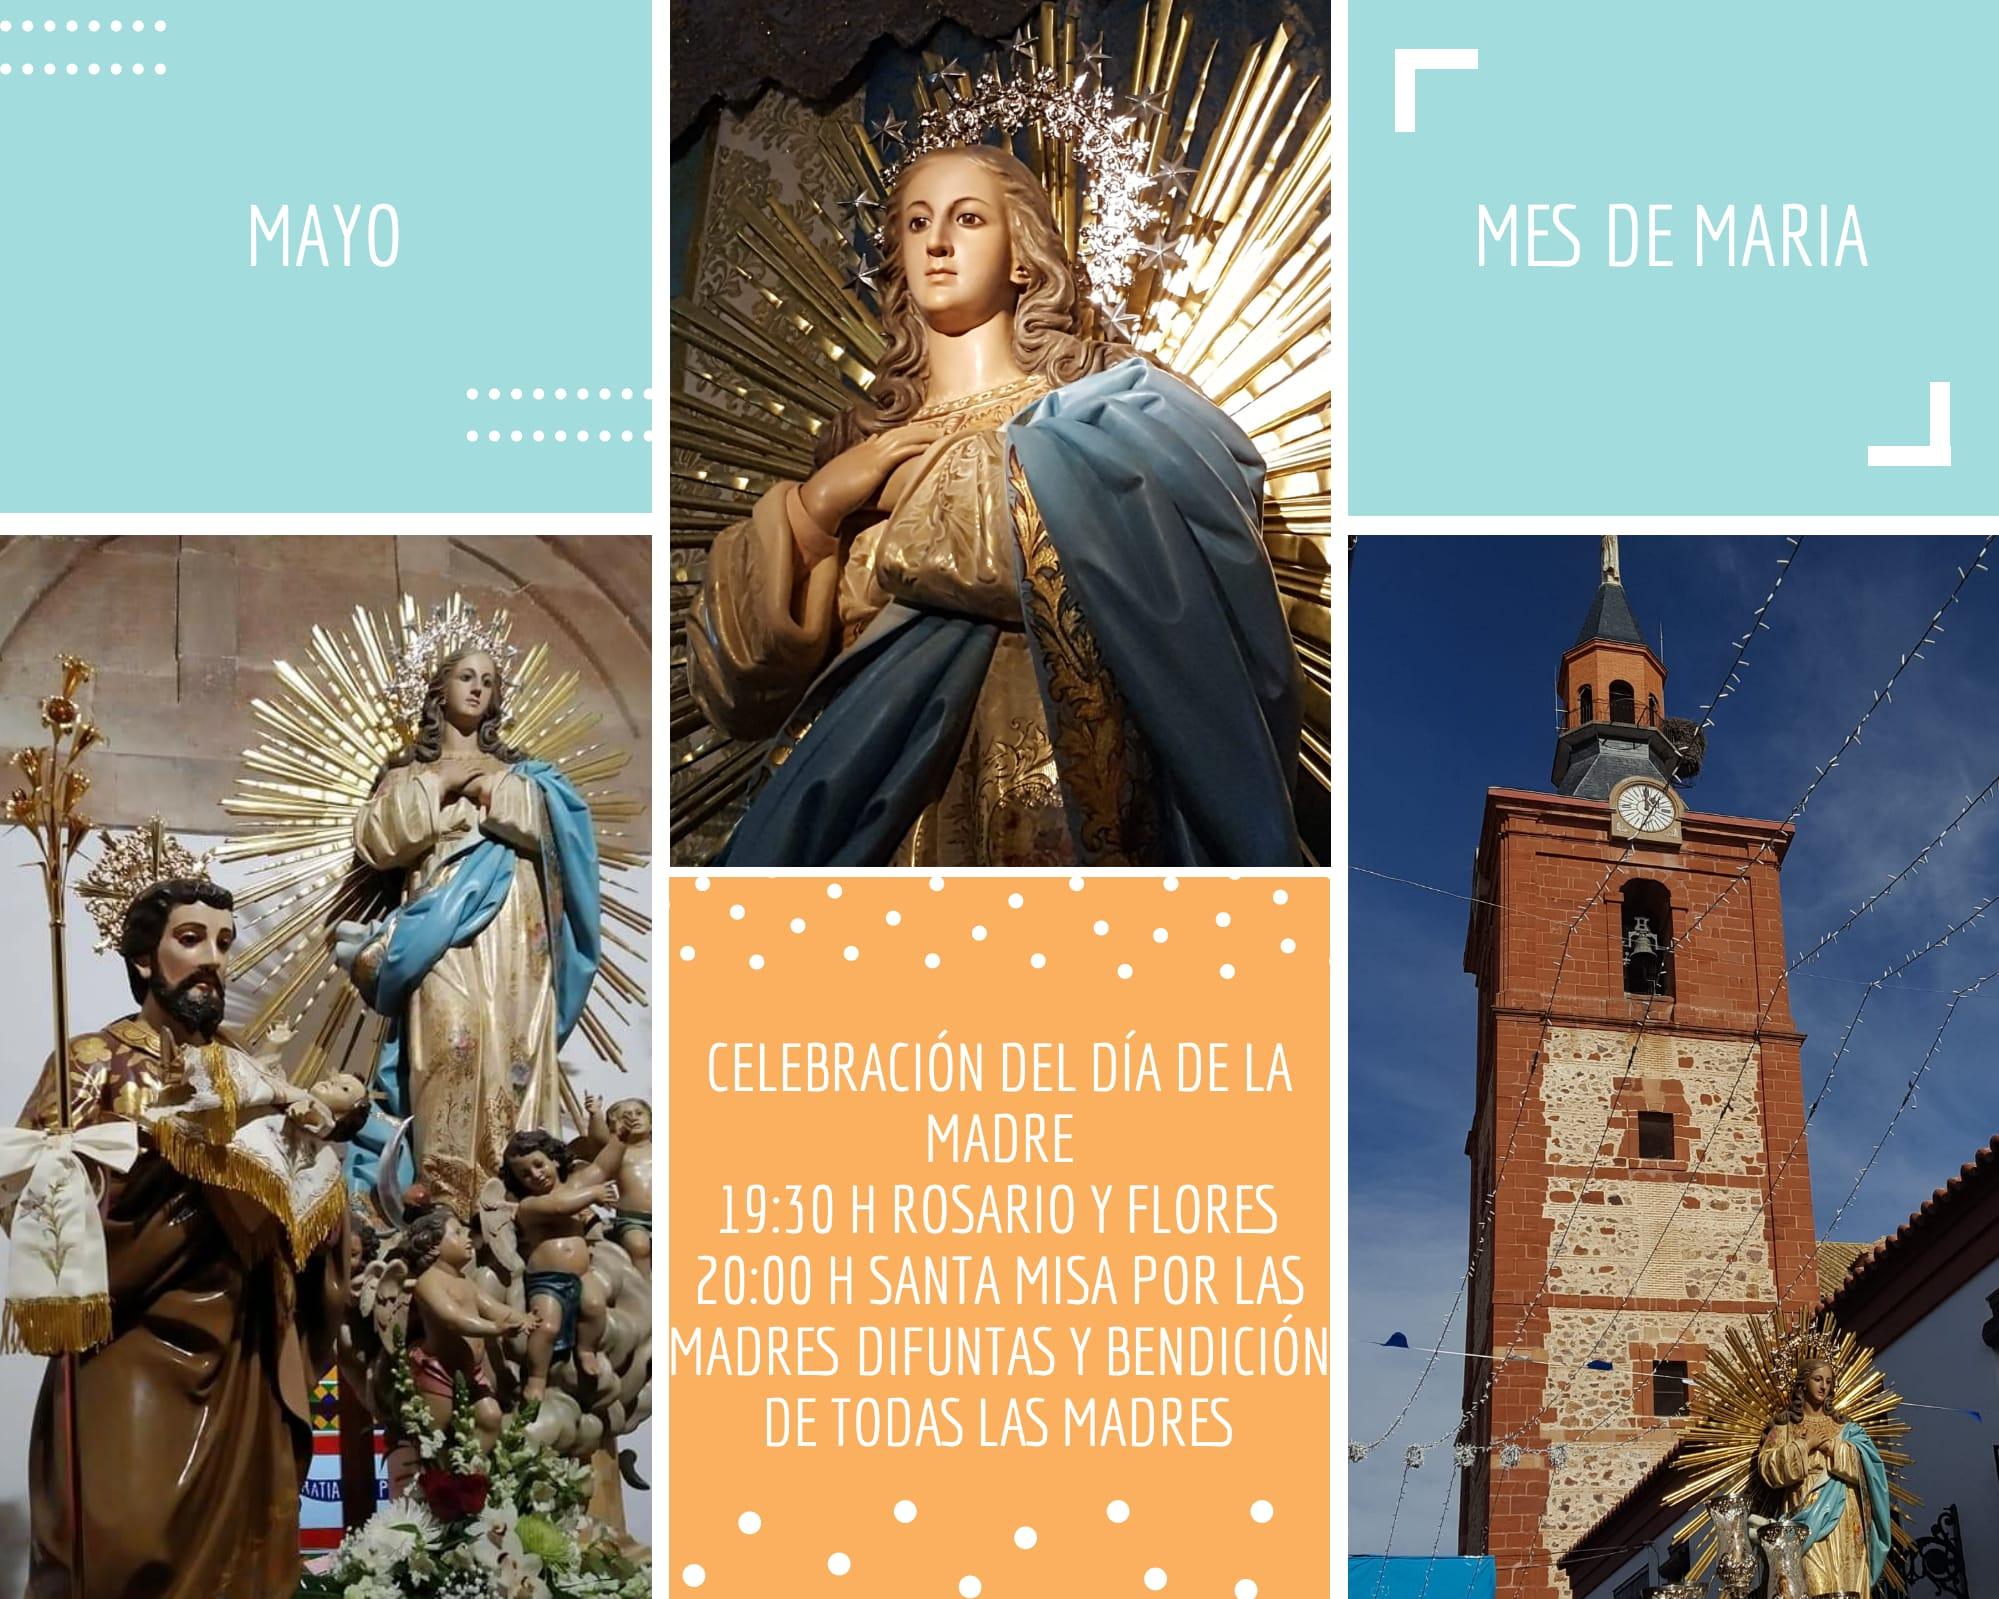 D%C3%ADa de la madre en la parroquia mes de mayo - La parroquia Inmaculada Concepción inicia un mes de mayo dedicado a María